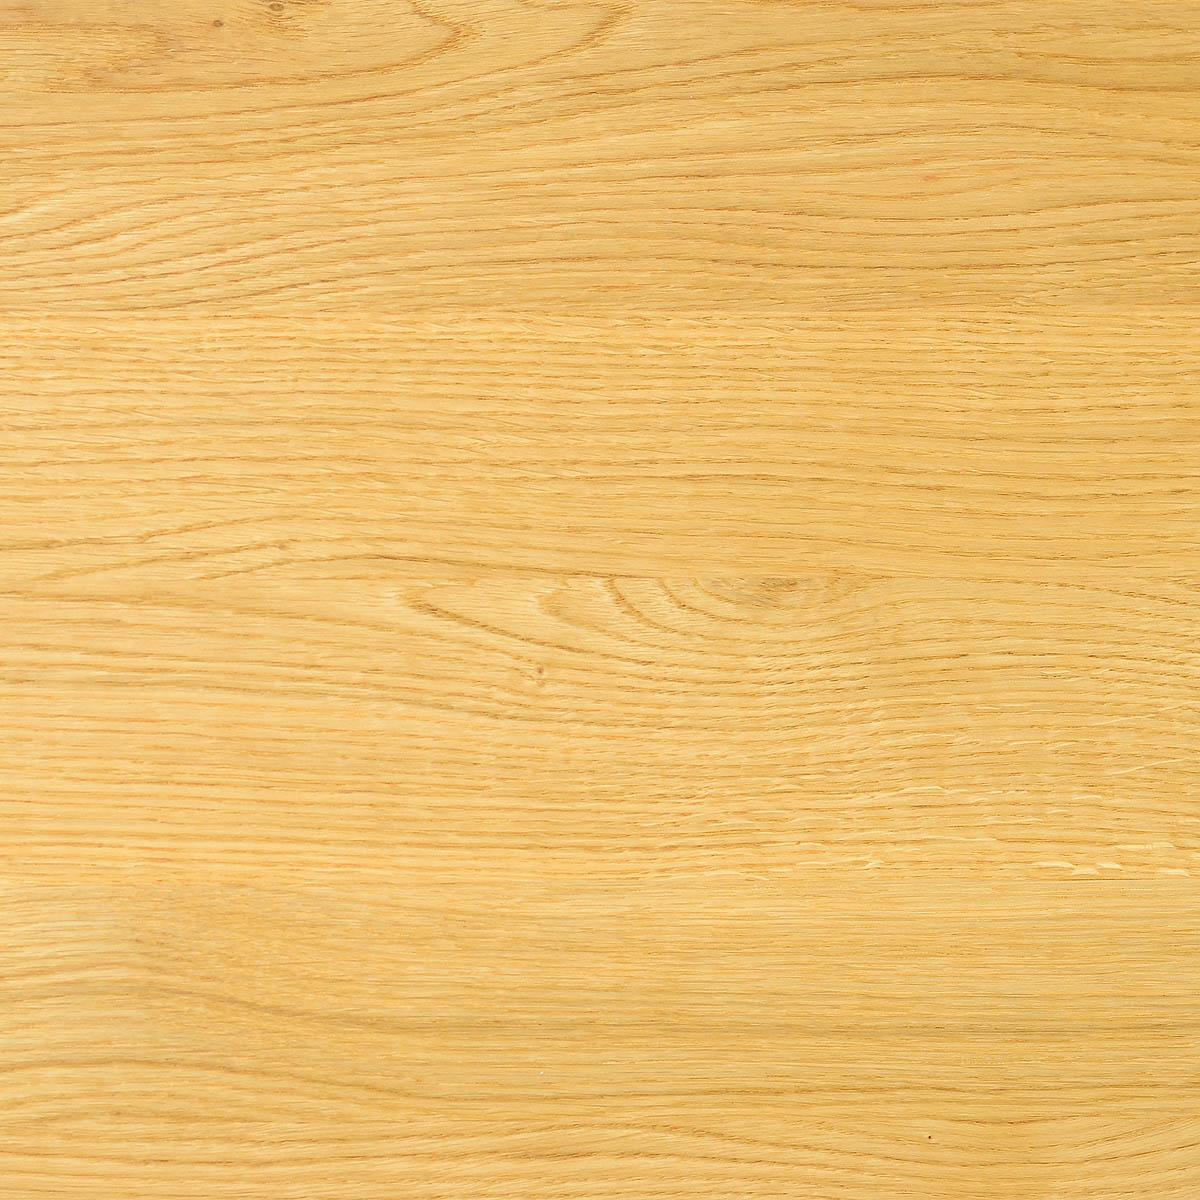 Schody drewniane Olsztyn - Dąb